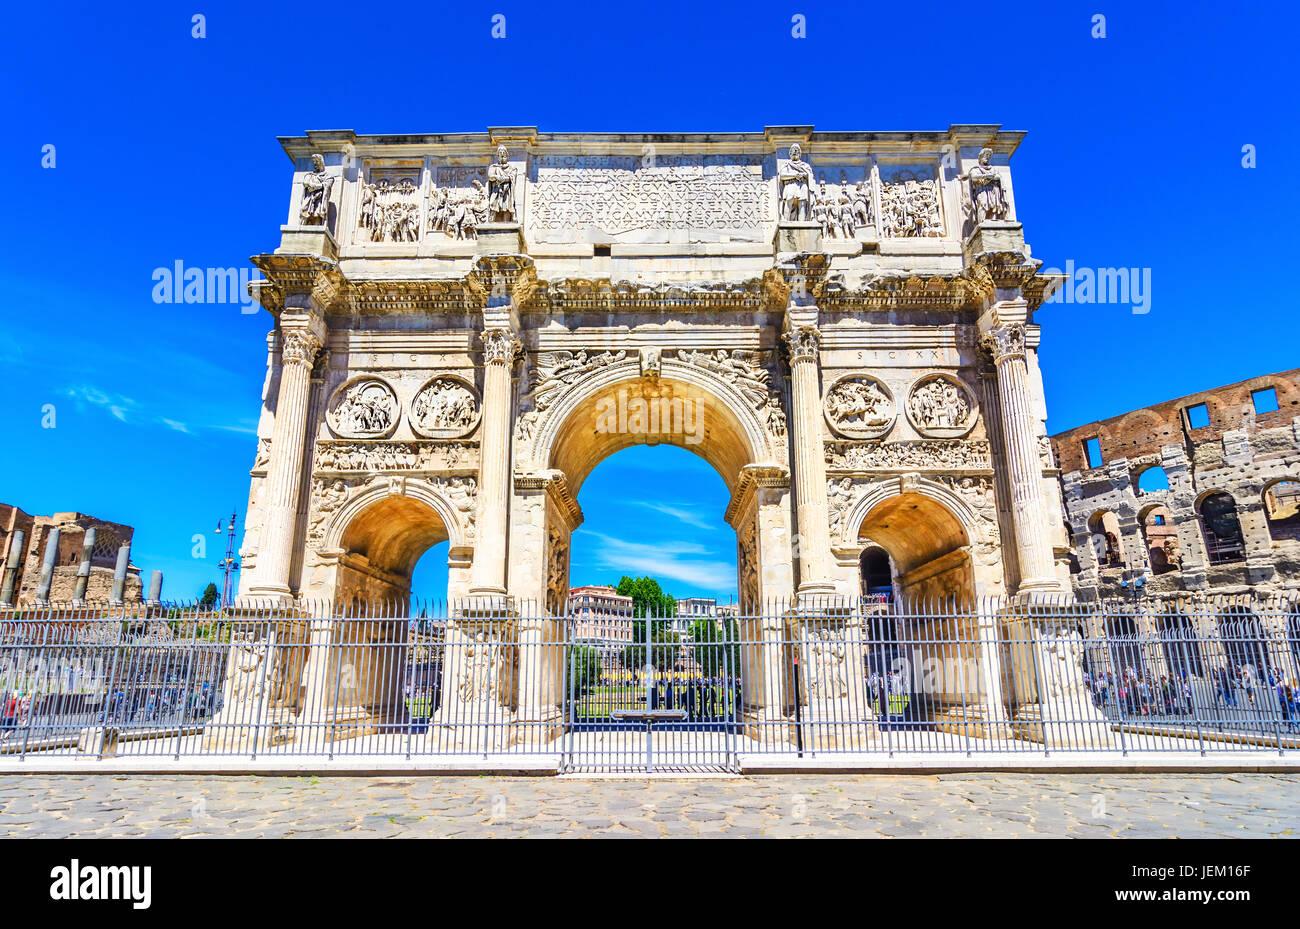 L'arc de Constantin et le Colisée à Rome, Italie Photo Stock